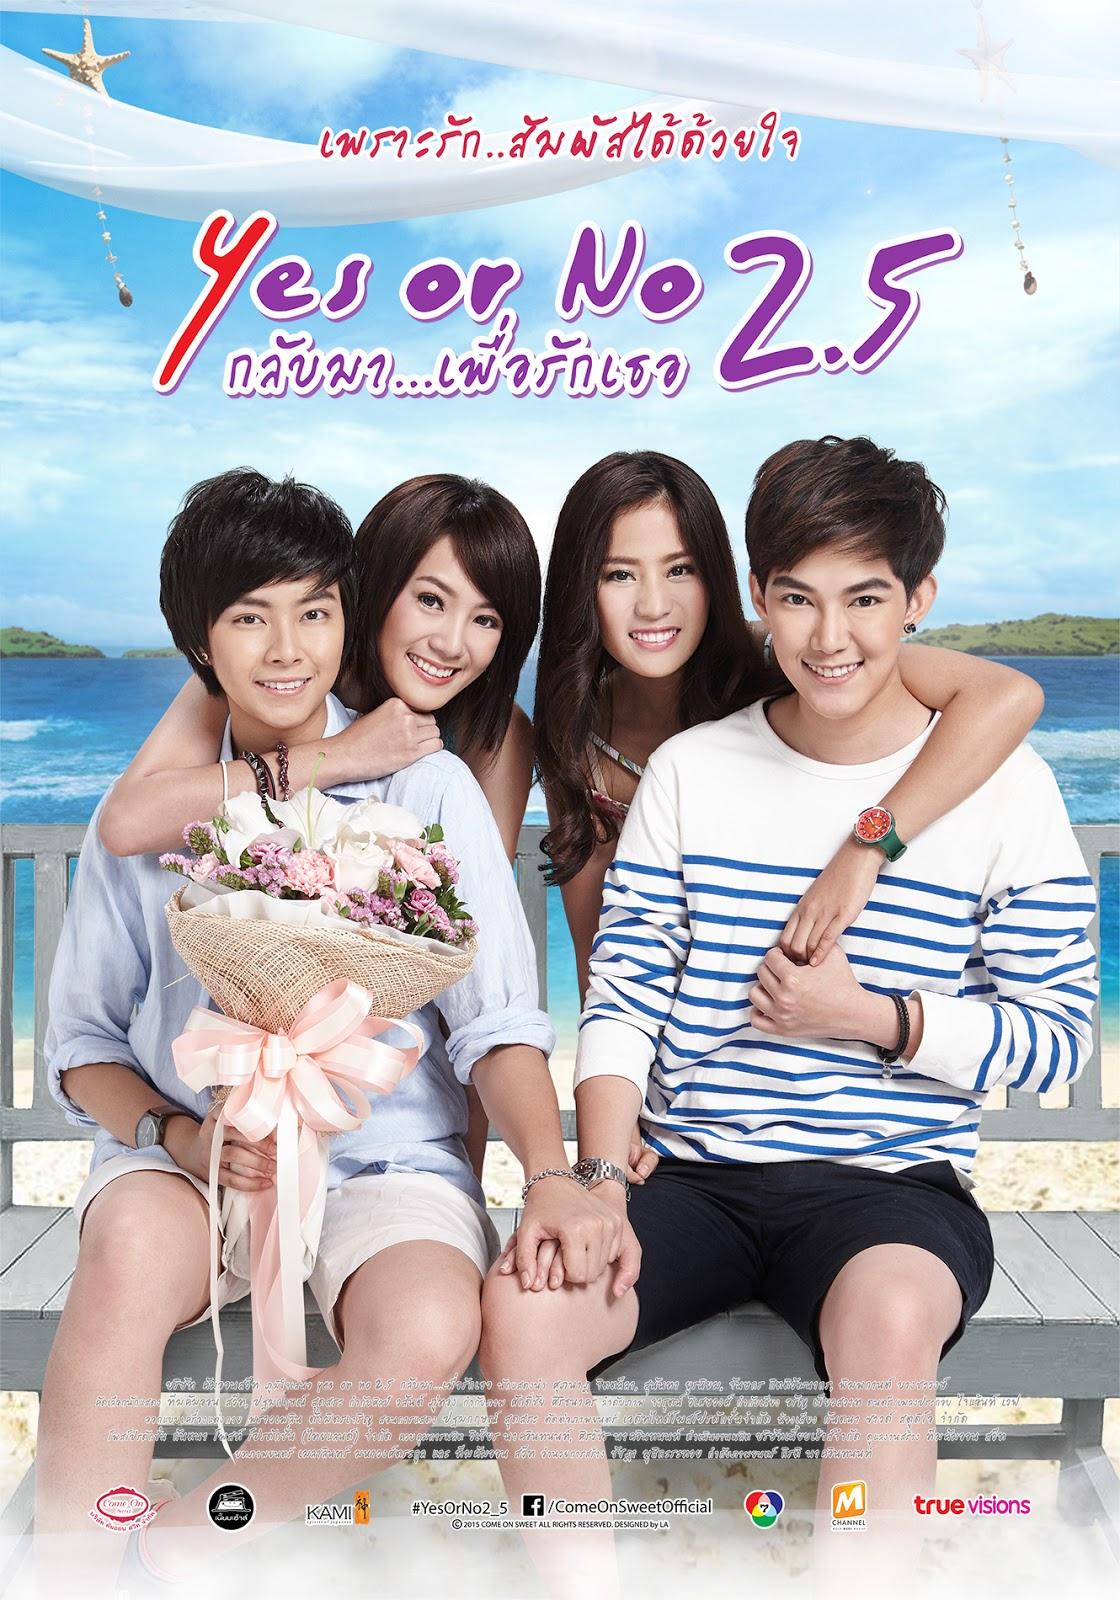 Yes or No 2.5 (2015) กลับมา เพื่อรักเธอ ภาค 3 HD